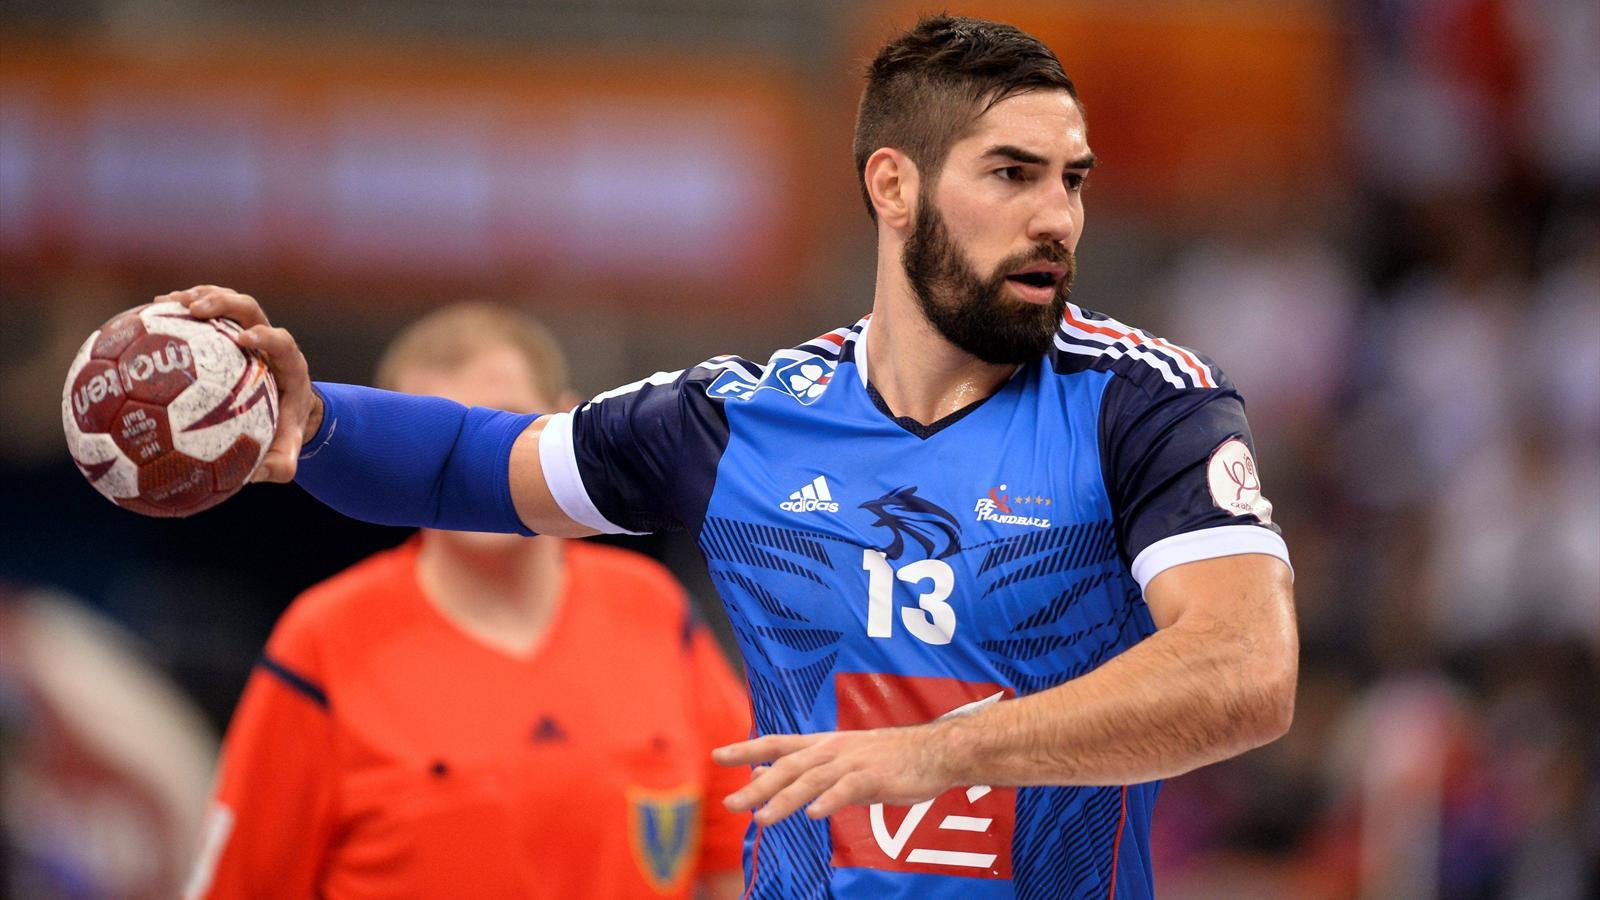 Mondial 2015 equipe de france nikola karabatic devrait atteindre les 1000 buts en bleu - Coupe du monde 2015 handball ...